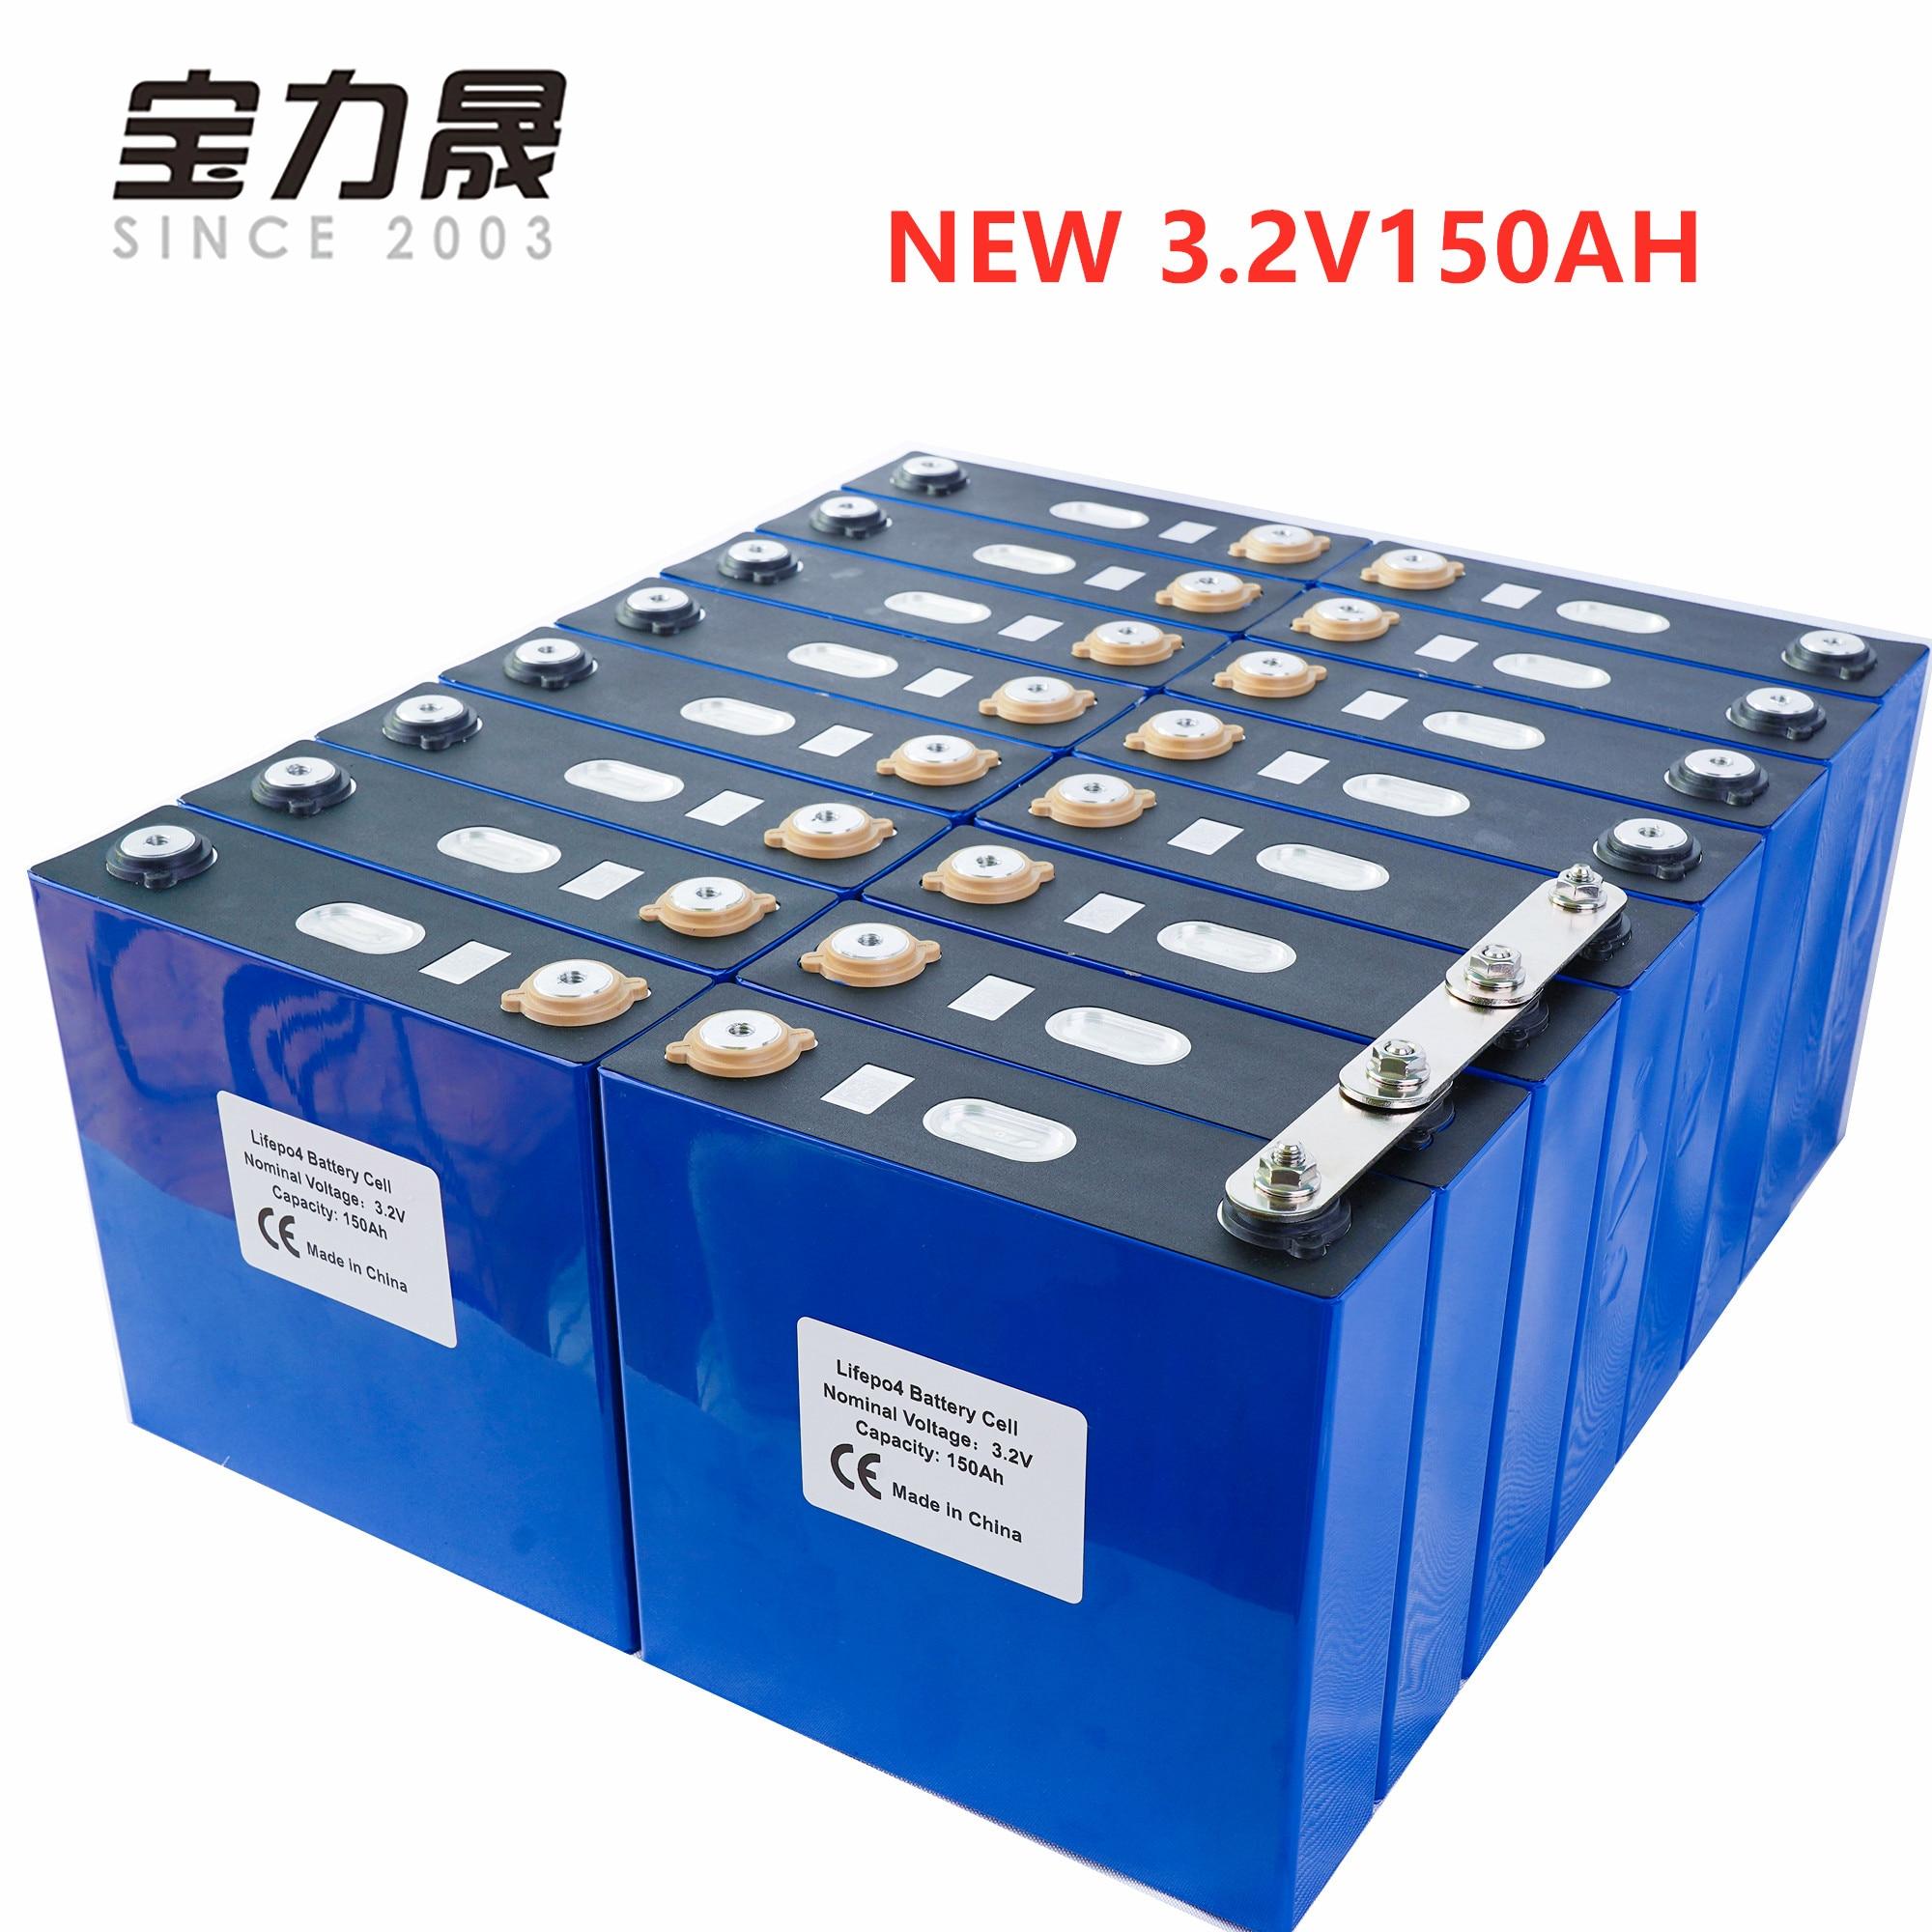 24 pièces 3.2V150Ah 2019 nouveau Lithium fer Phosphate cellule lifepo4 batterie solaire 24V300AH 48V96V150Ah cellules pas 120Ah EU US sans taxe